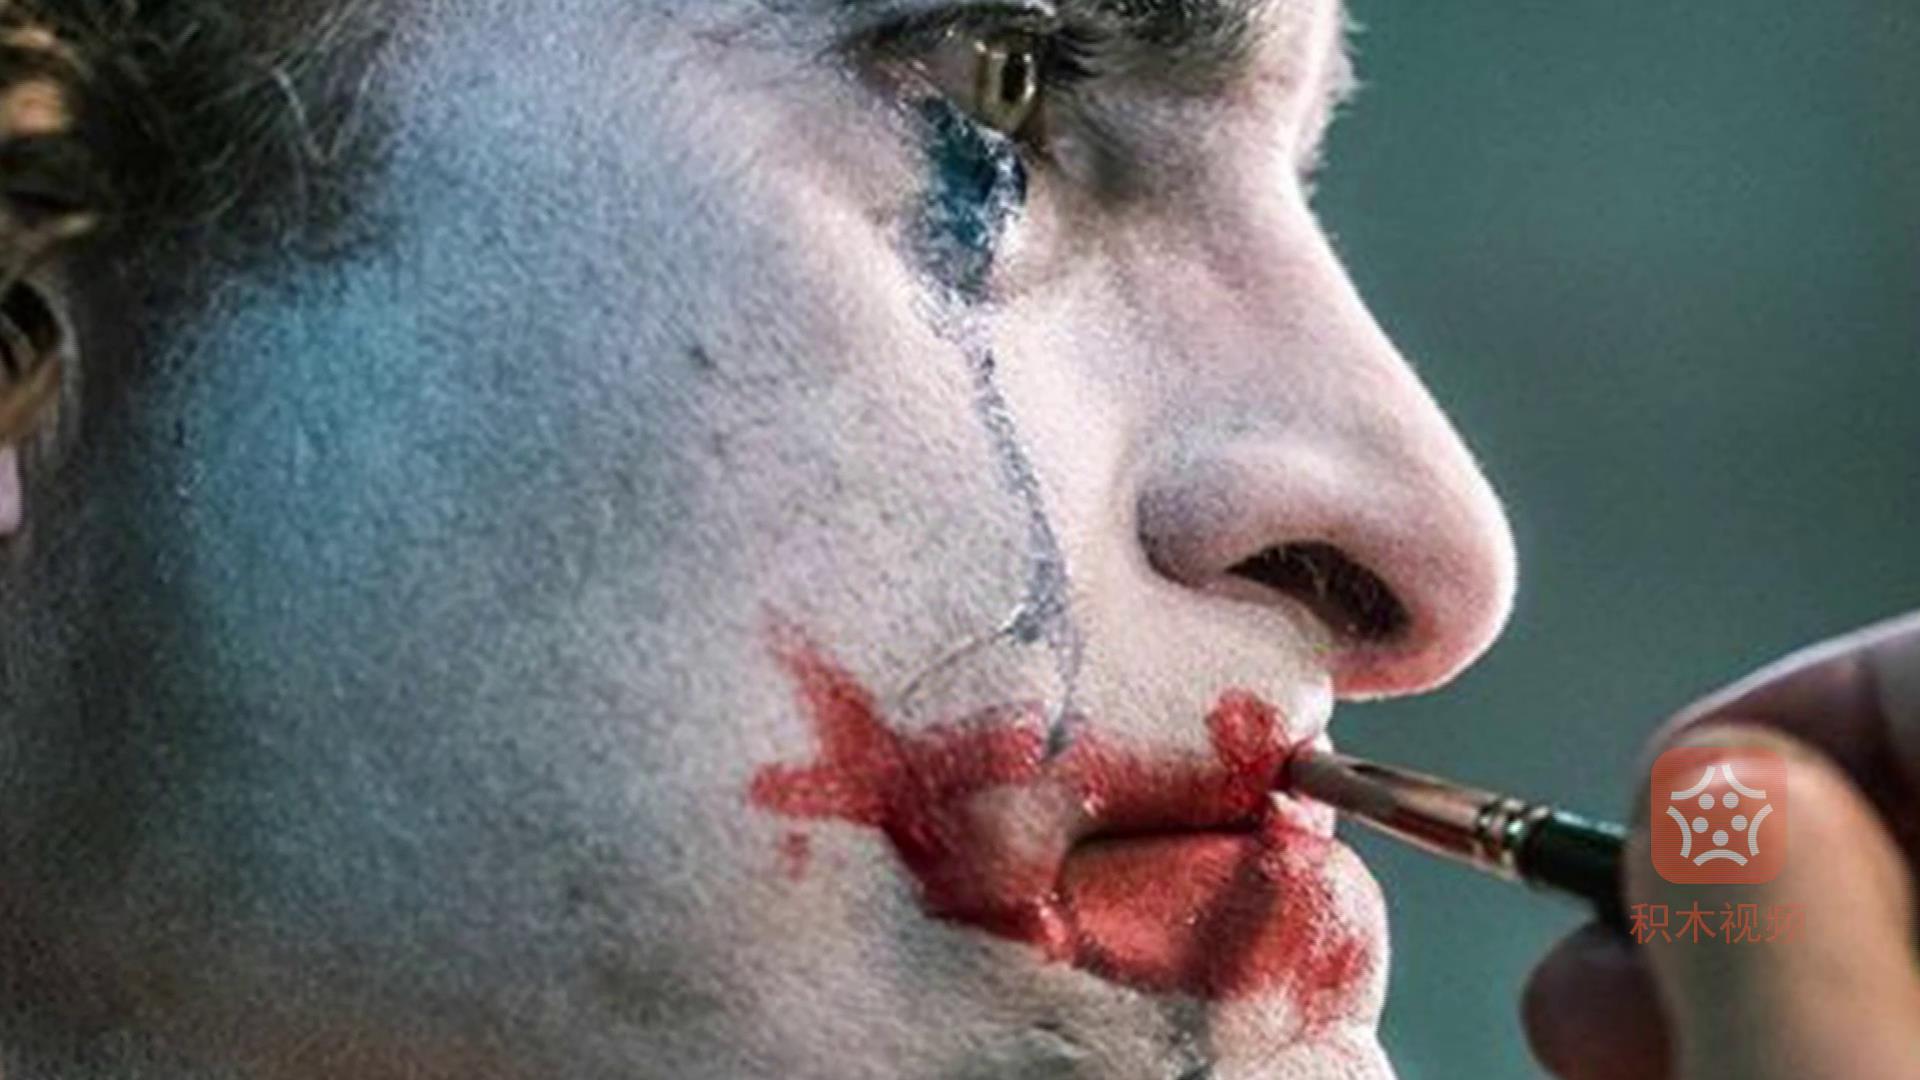 《小丑》上映一周年导演发布新幕后照 杰昆菲尼克斯含泪大笑